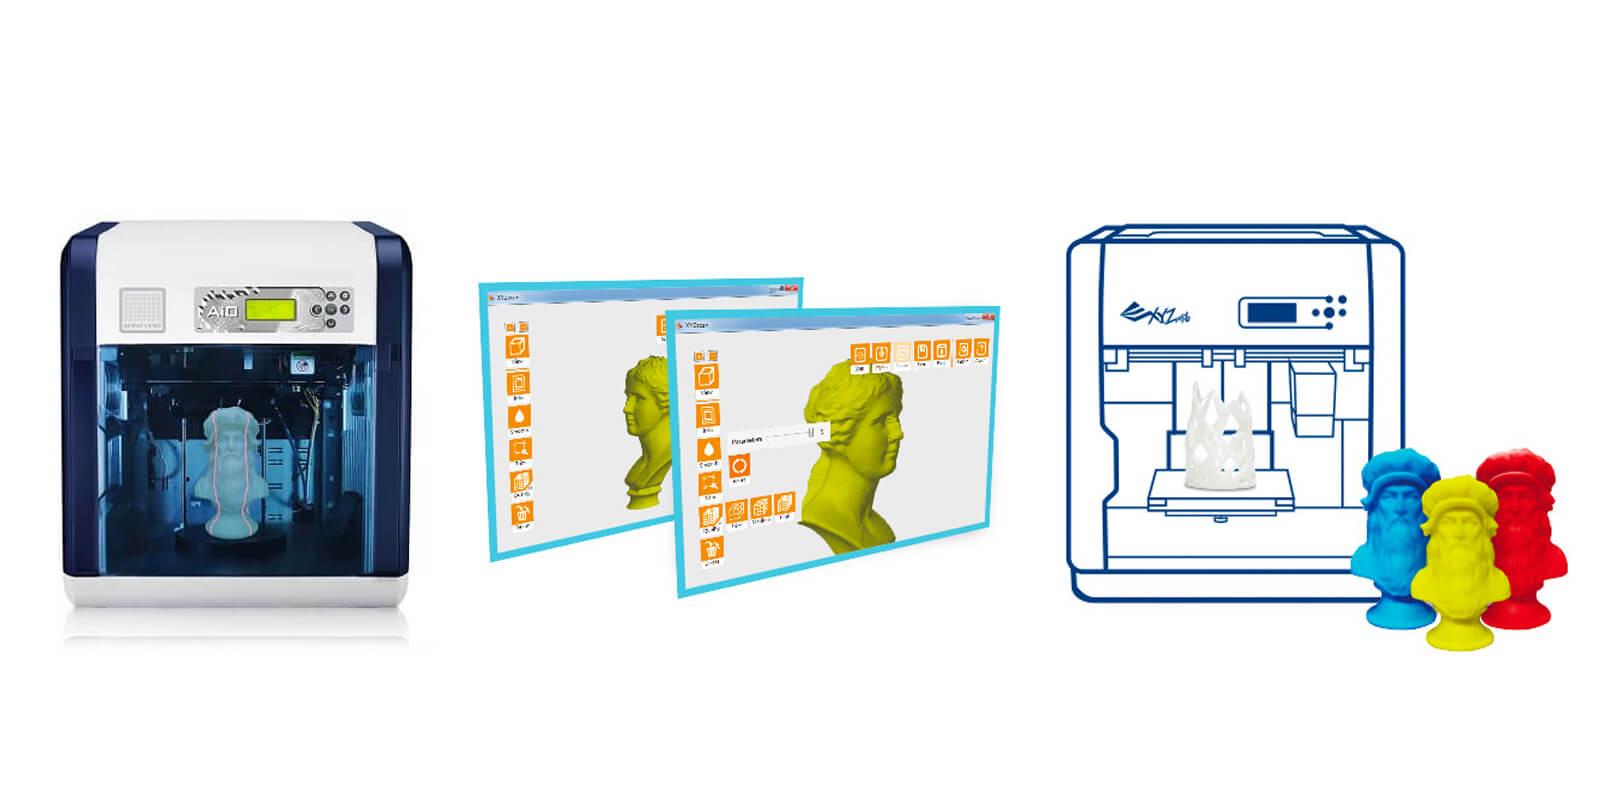 xyz printing'in ürettiği xyz aio hem 3d tarayıcı hem de 3d yazıcı olarak işleyebiliyor